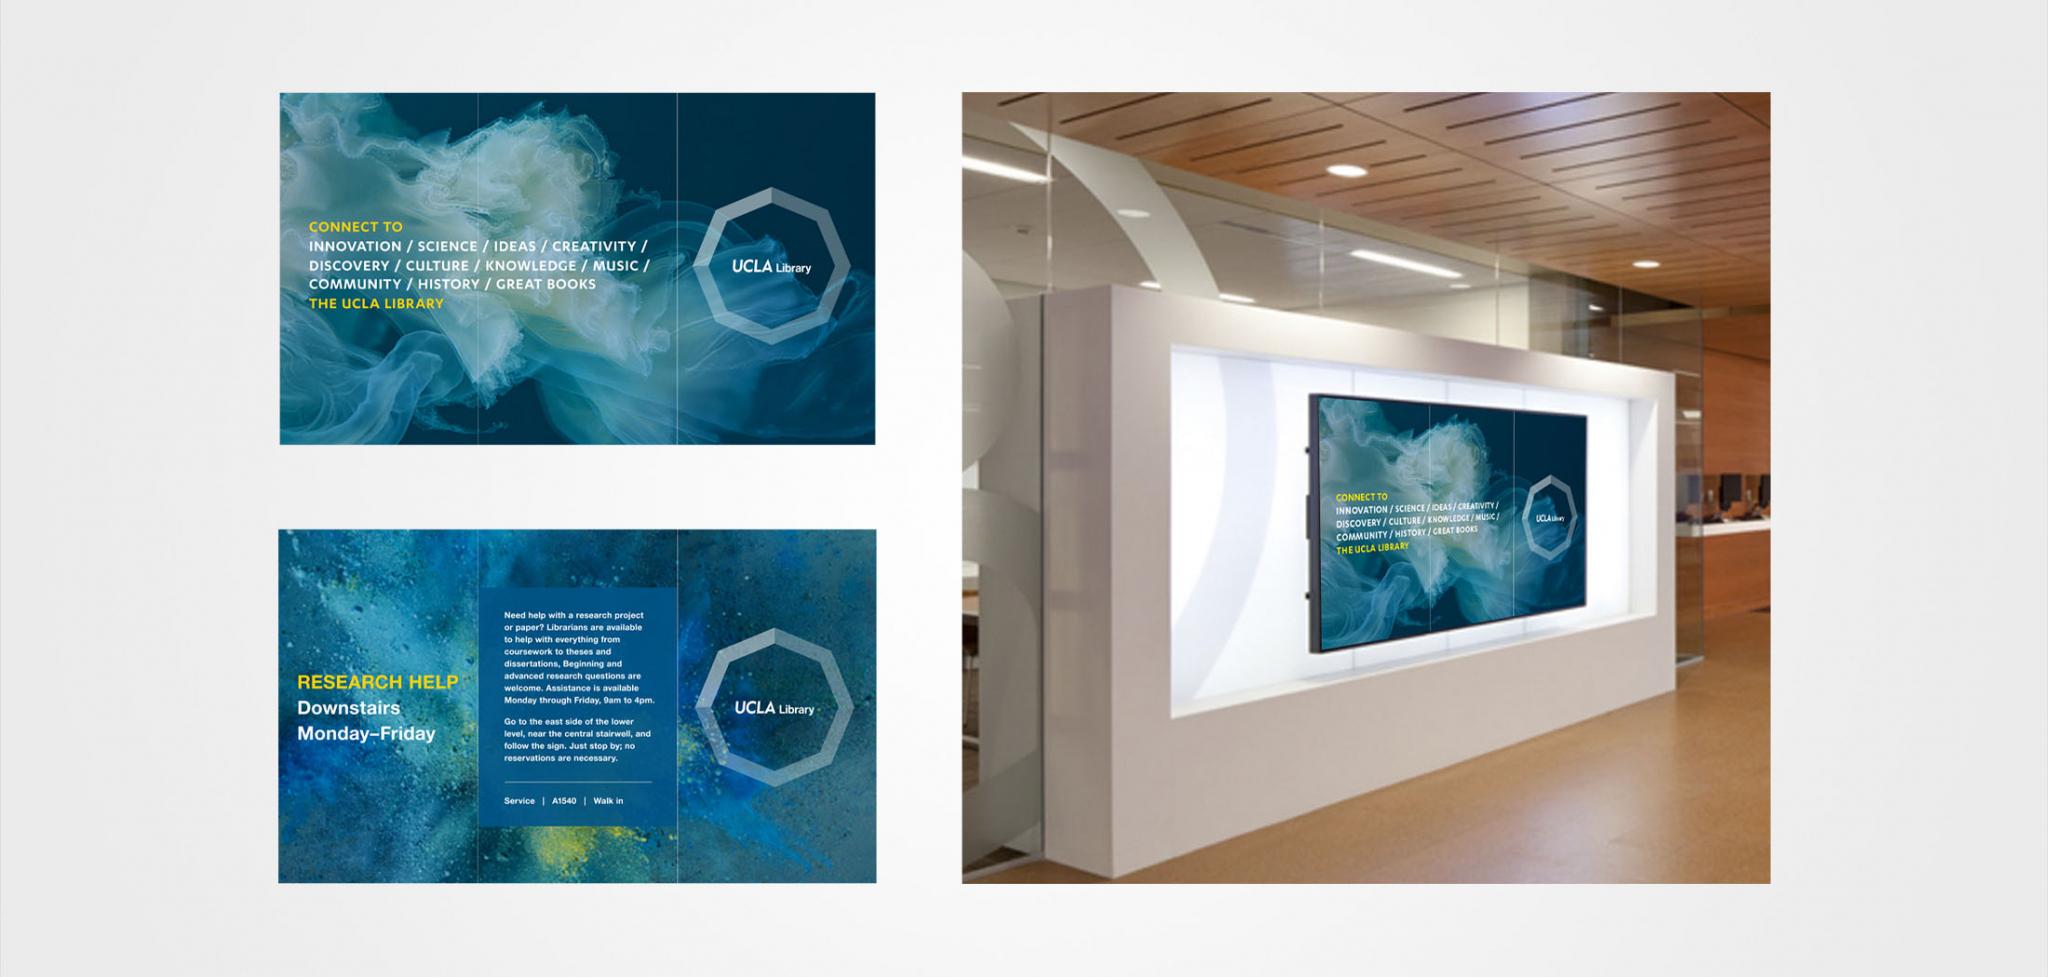 UCLA Library Rebranding Digital Signage Design